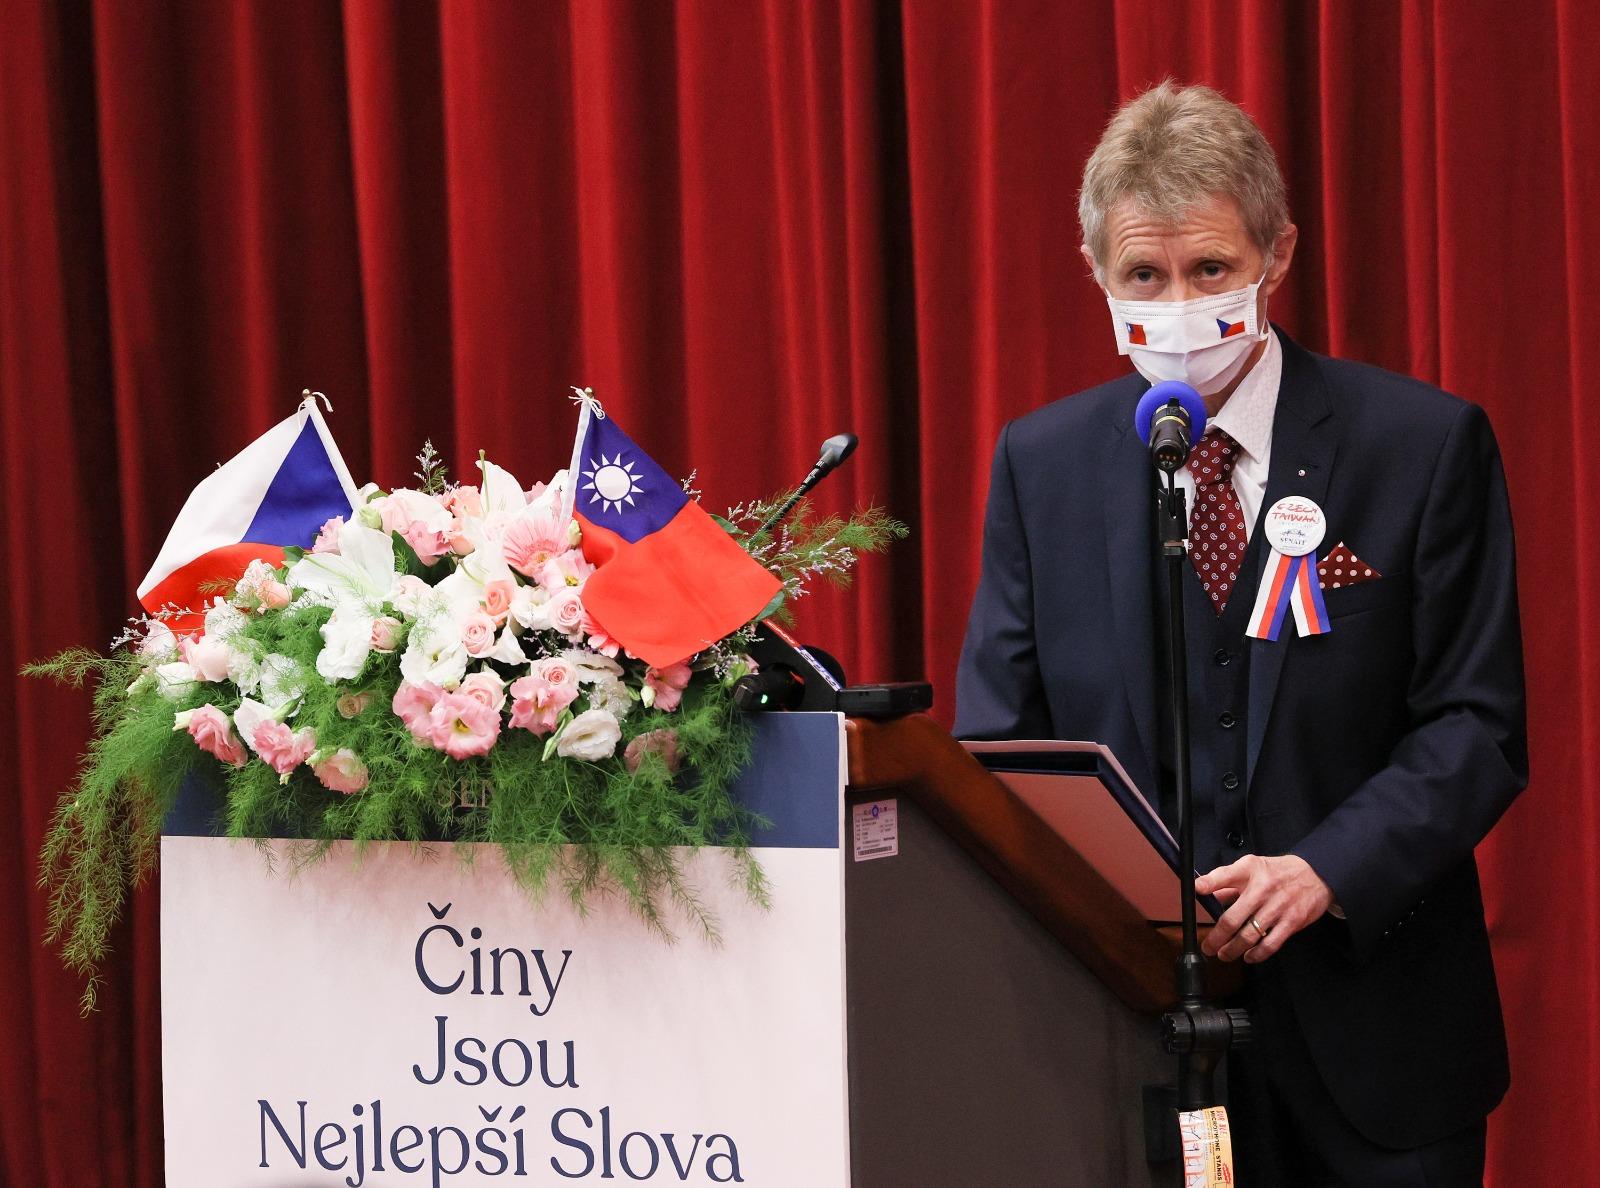 捷克參議院議長維斯特奇爾(Miloš Vystrčil)於今年8月訪問台灣,中共造謠聲稱維斯特奇爾收了台灣四百萬美元。(中央社)